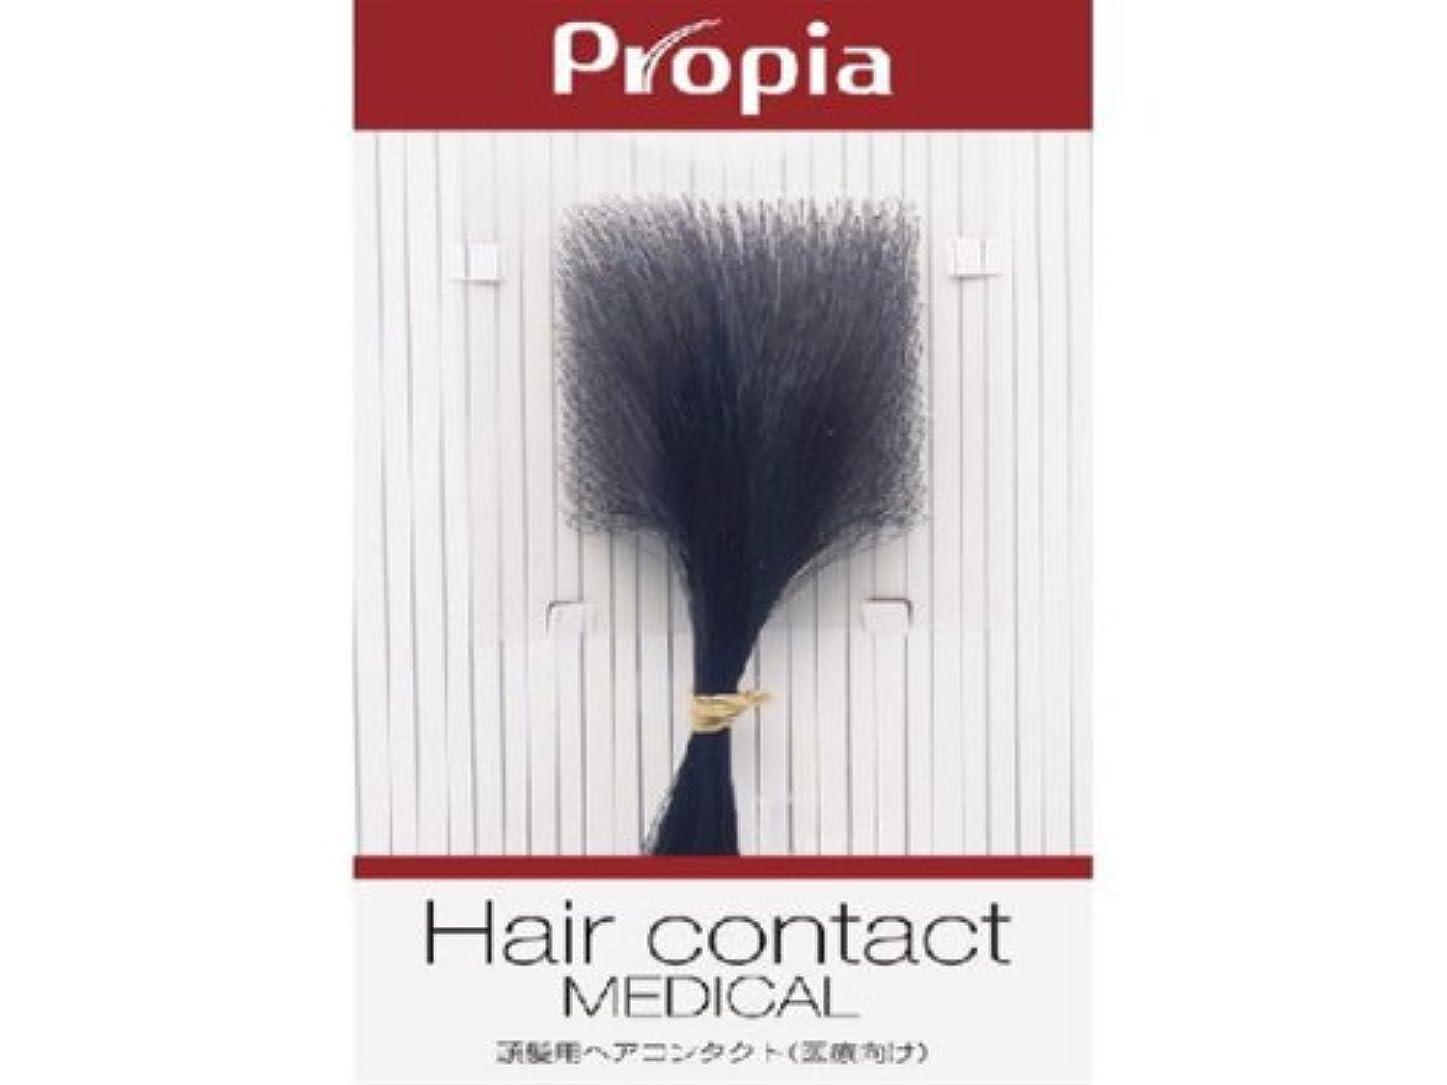 類推余裕があるアンペアプロピア 頭髪用ヘアコンタクト メディカル【医療向け】ブラック